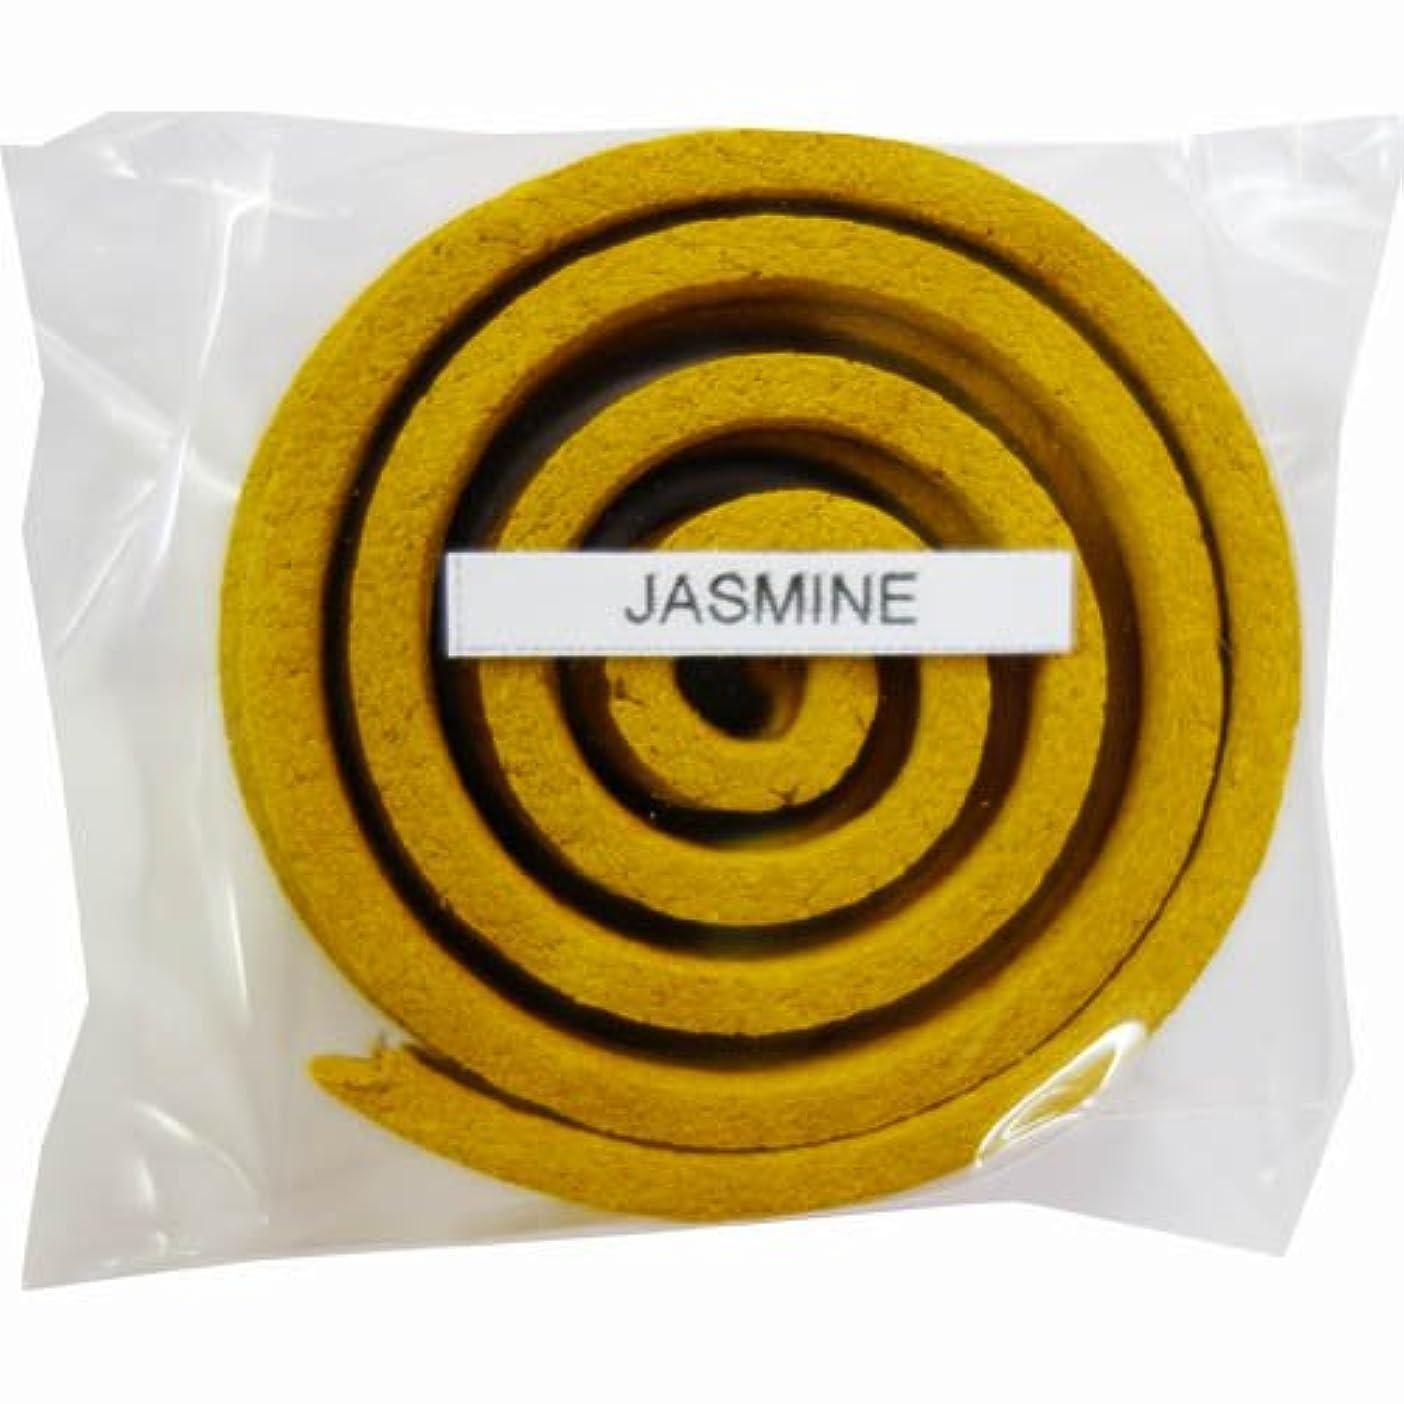 バック葉を拾うピービッシュお香/うずまき香 JASMINE ジャスミン 直径5cm×5巻セット [並行輸入品]